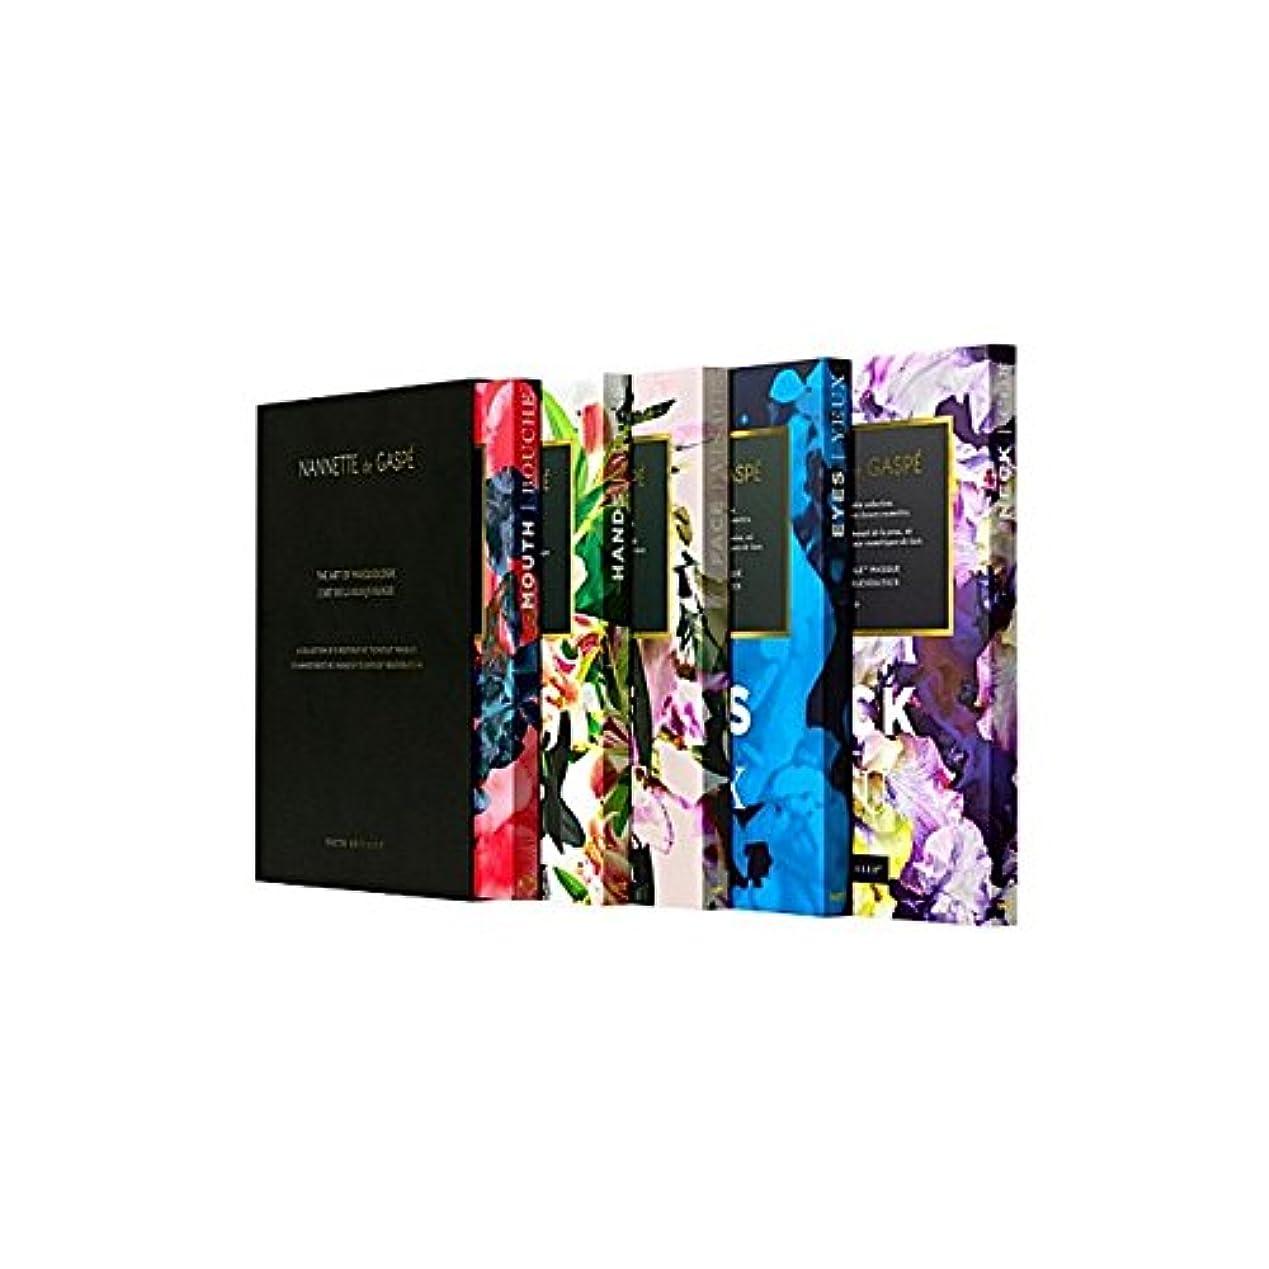 つらい熟考する優先デガスペ修復仮面劇コフレ x2 - Nannette De Gaspe Restorative Techstile Masque Coffret (Pack of 2) [並行輸入品]